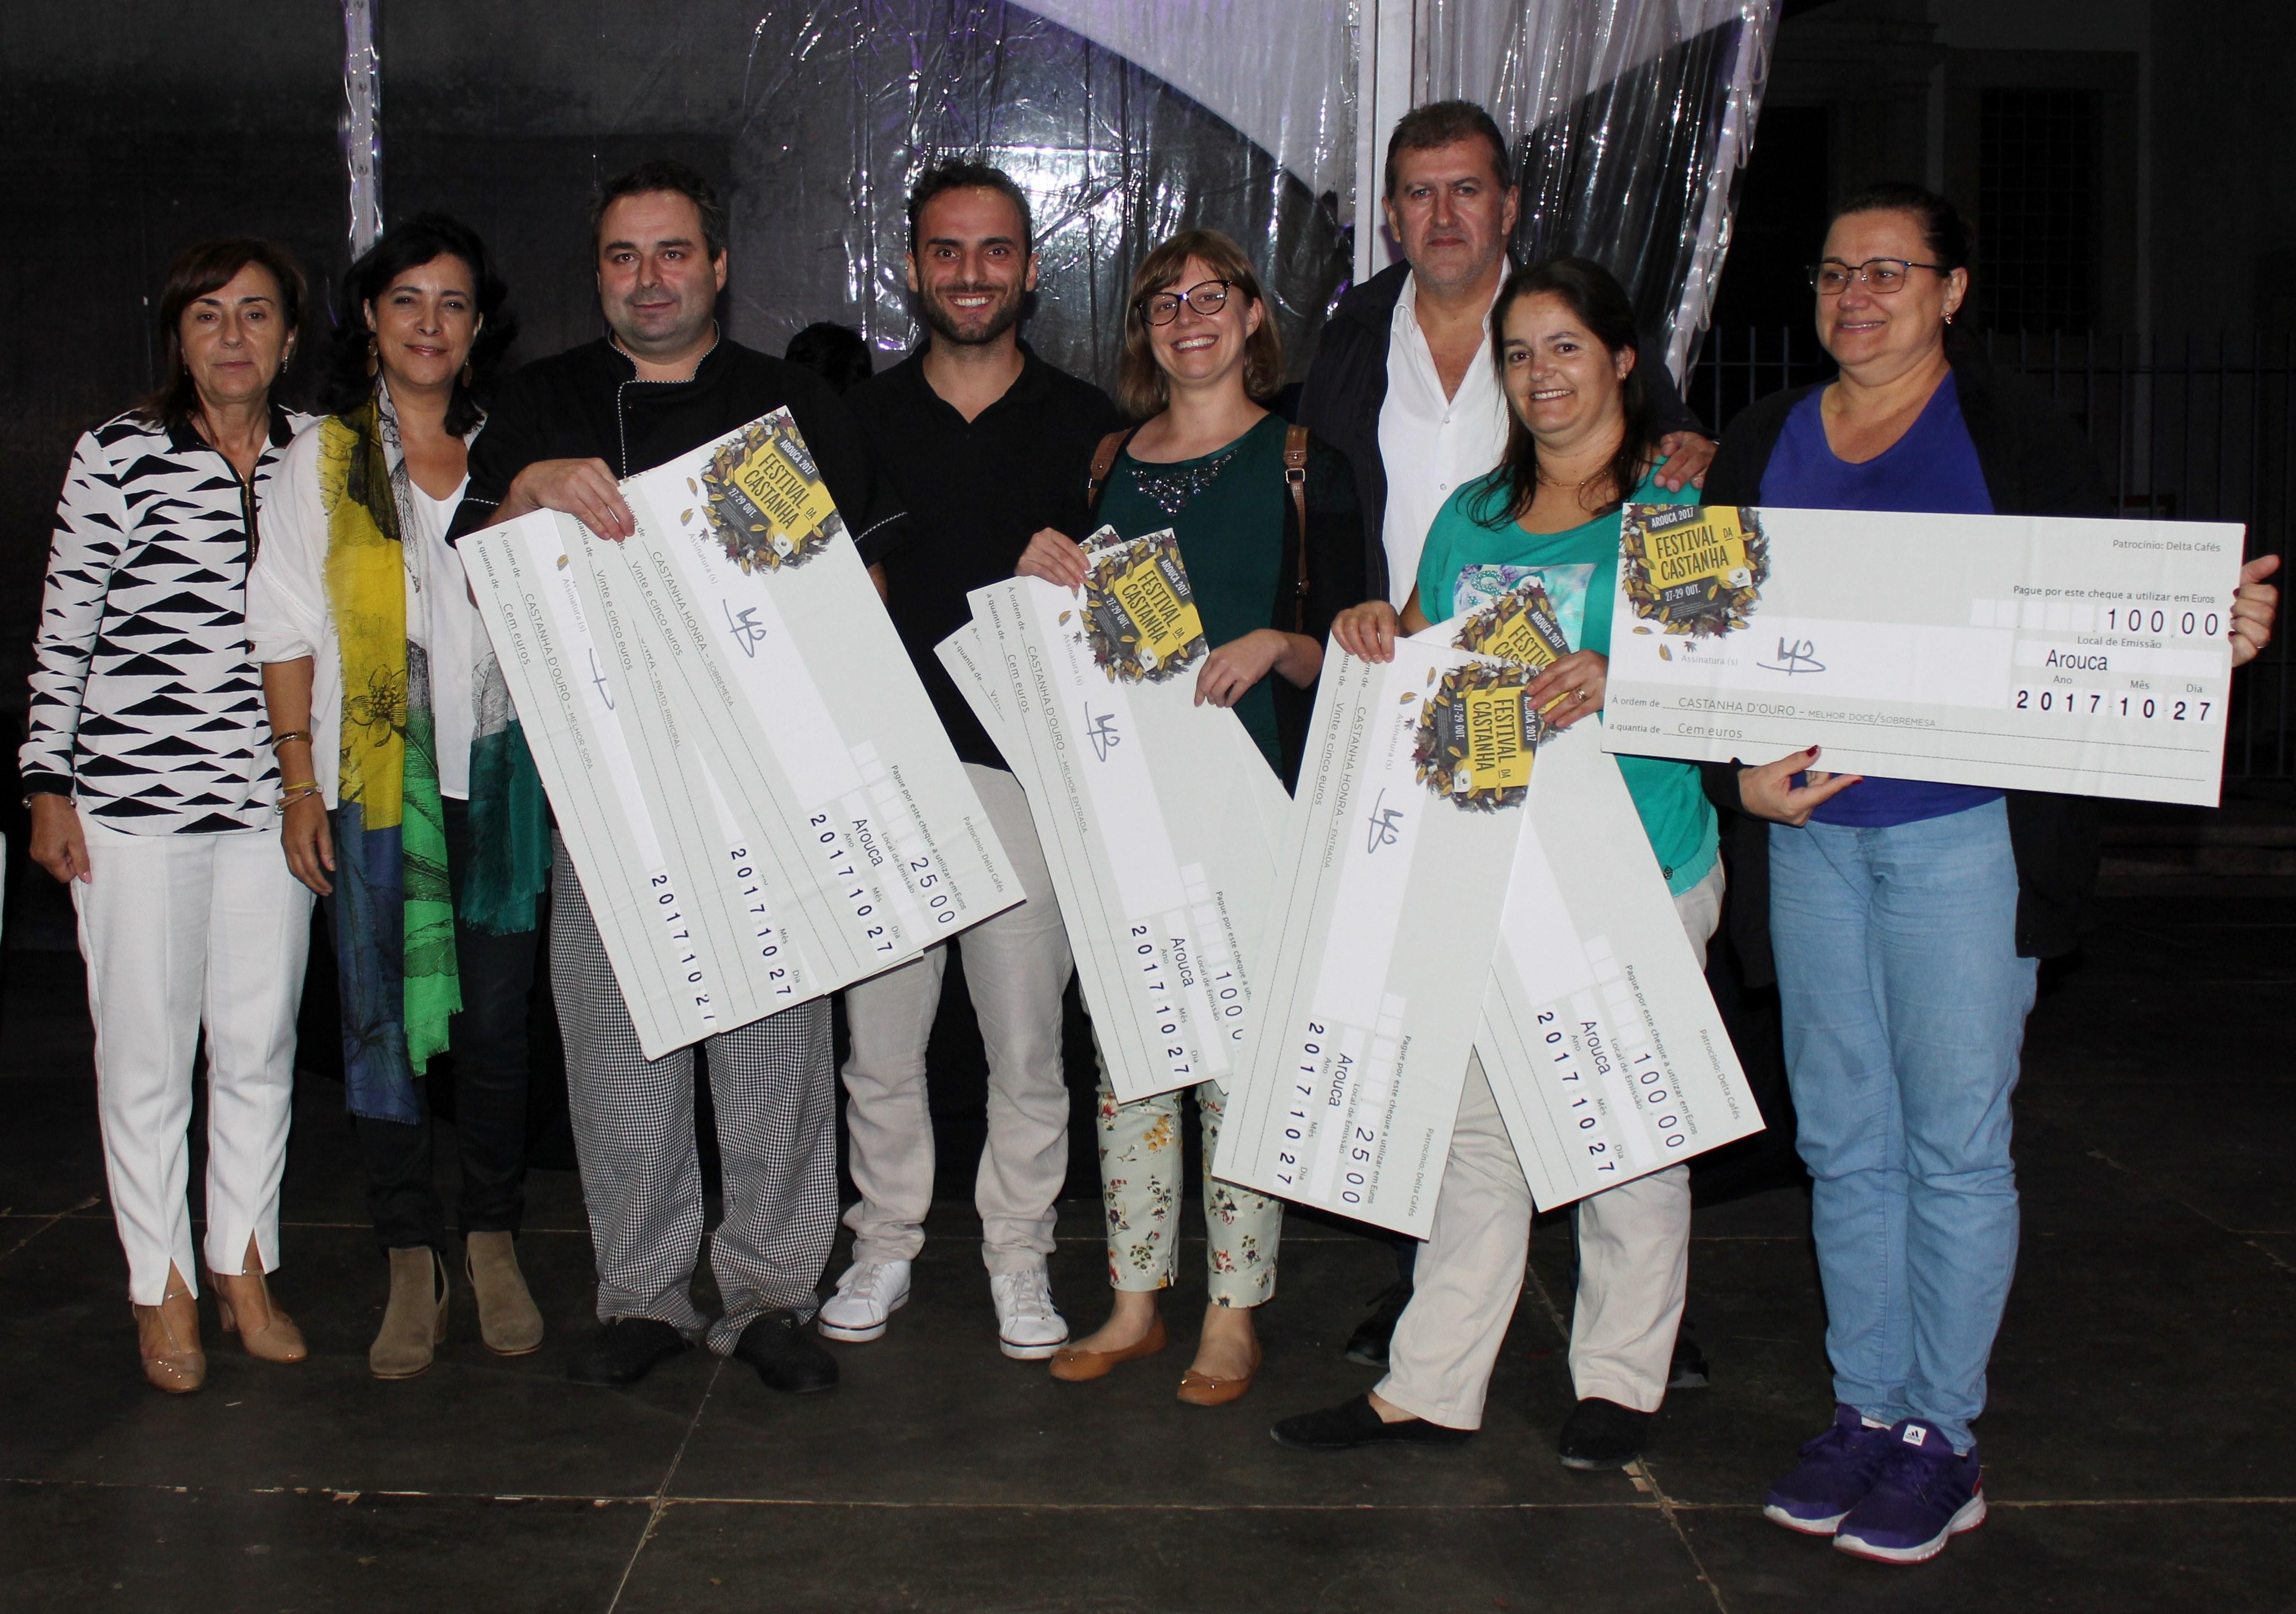 Festival da Castanha: V Concurso Gastronómico